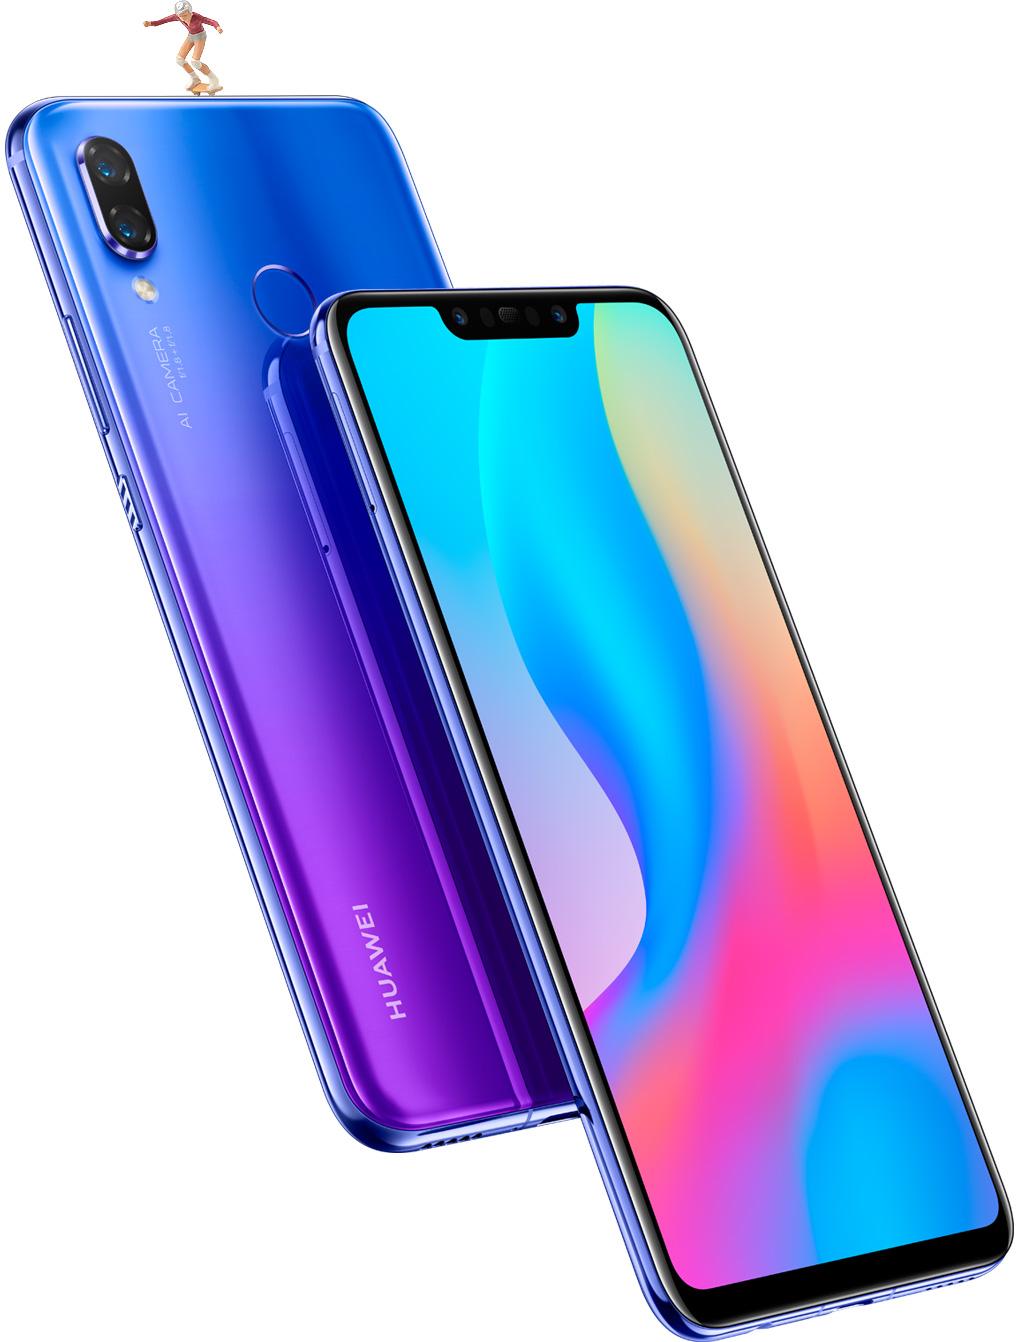 ファーウェイ・ジャパンがグローバルに遅れること3ヶ月、Huawei nova3を国内発売へ。10/5~。OCNモバイルONEでいきなり1万円引き。10/3 11時~。